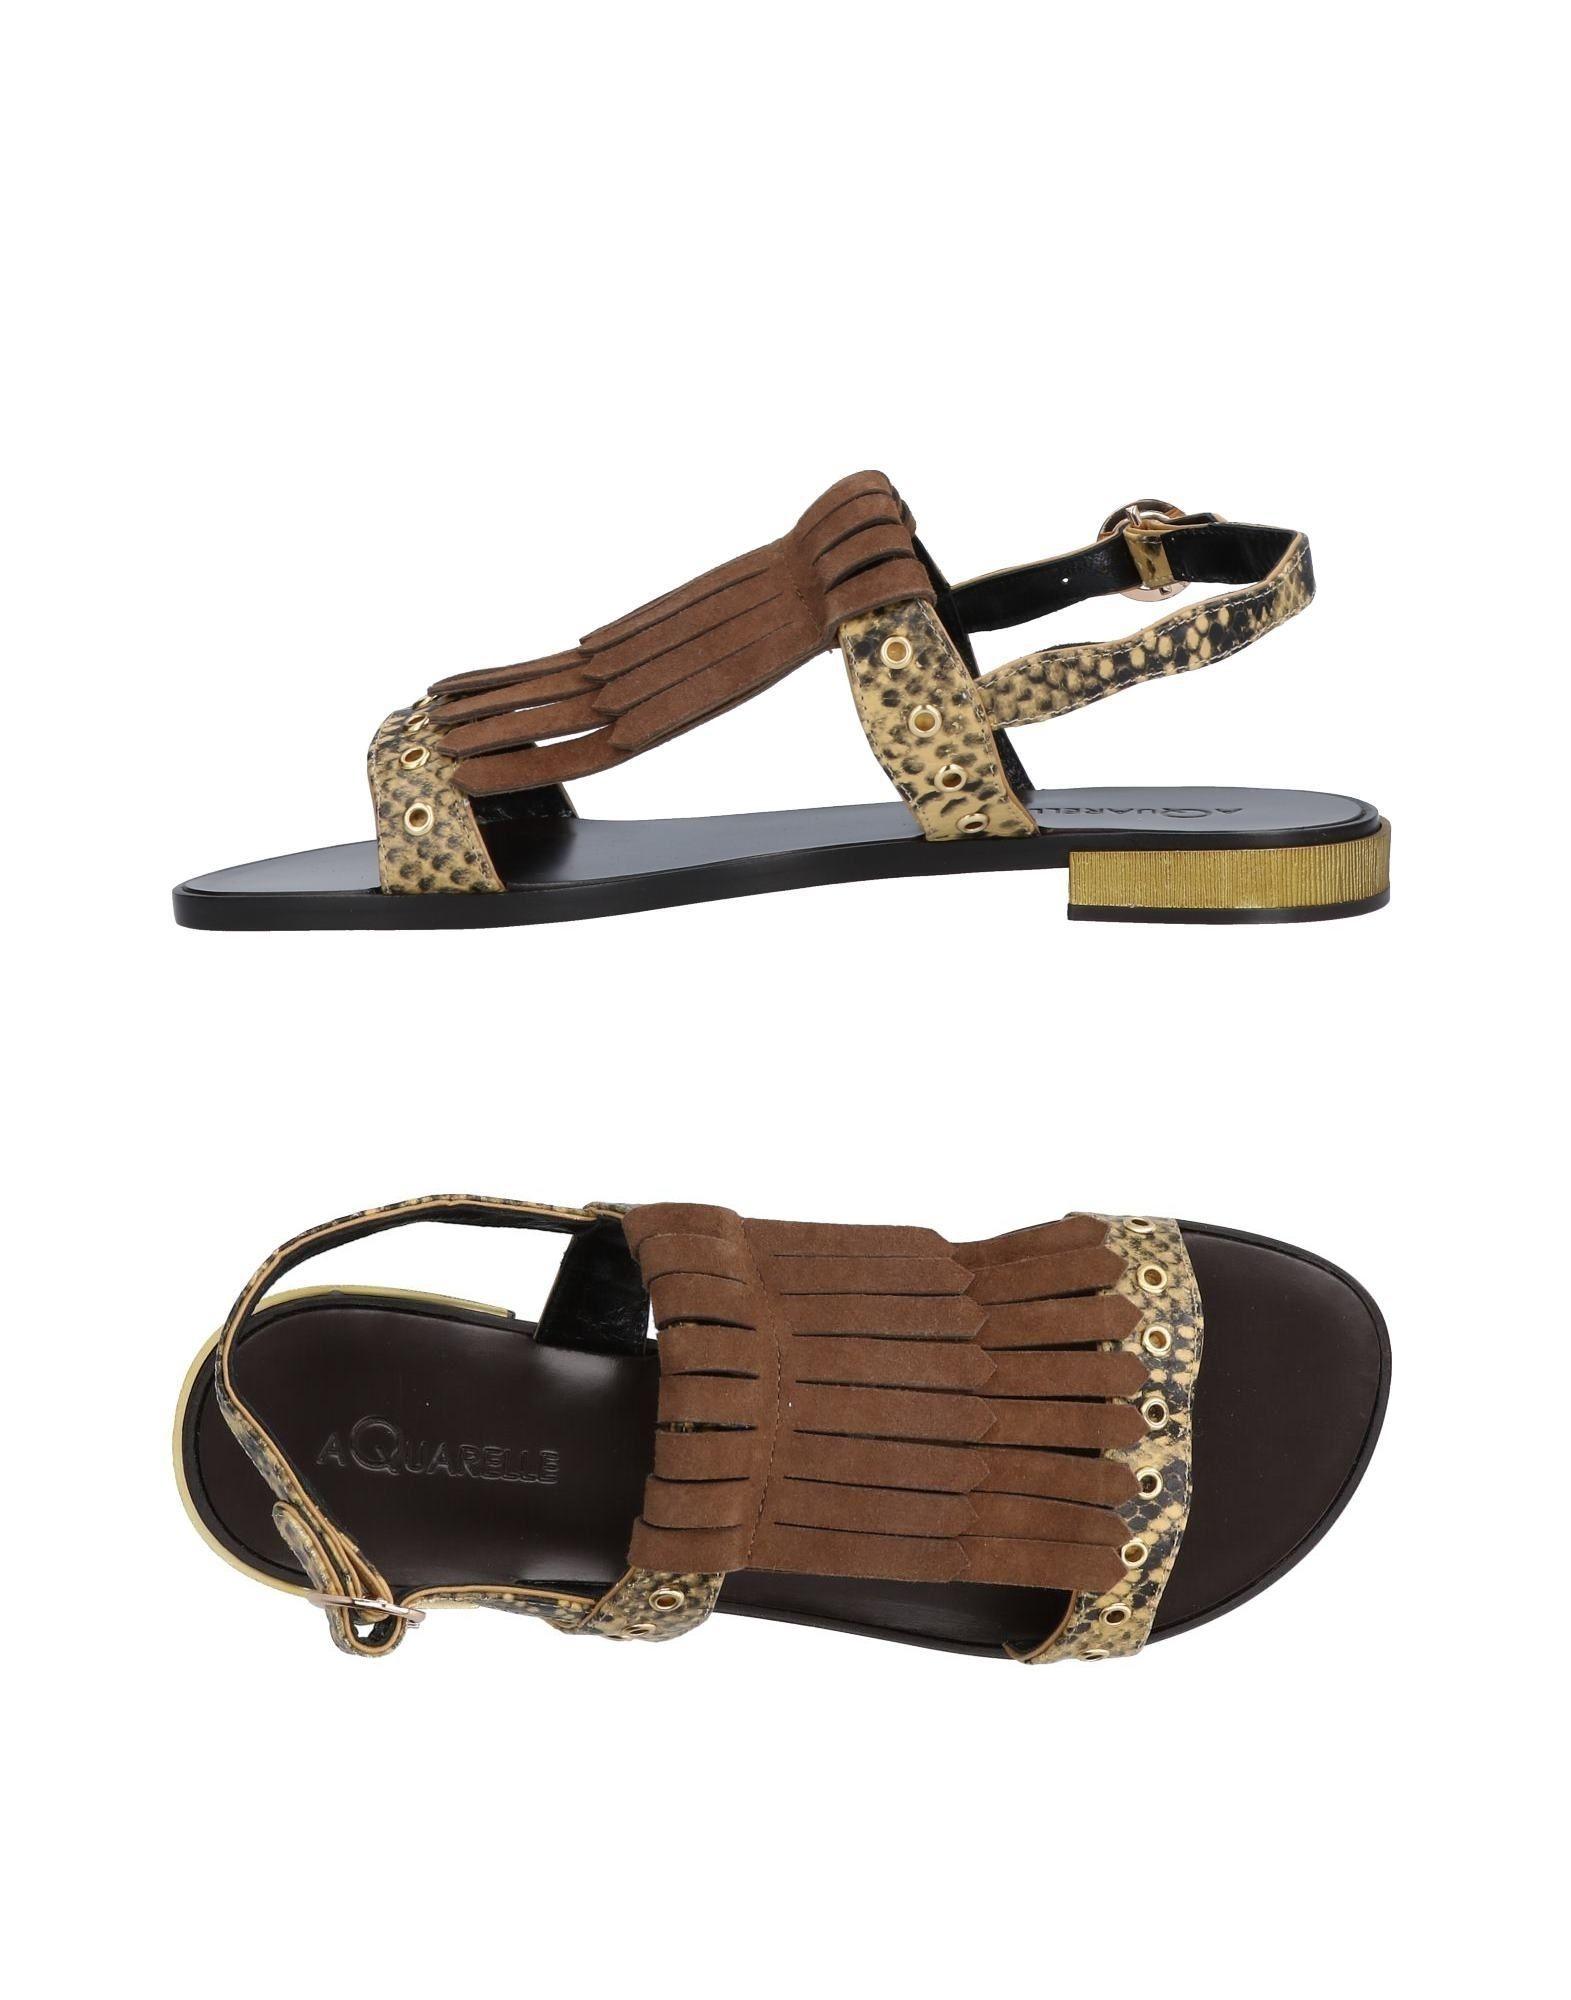 Aquarelle Sandals - Canada Women Aquarelle Sandals online on  Canada - - 11471740TR 890464